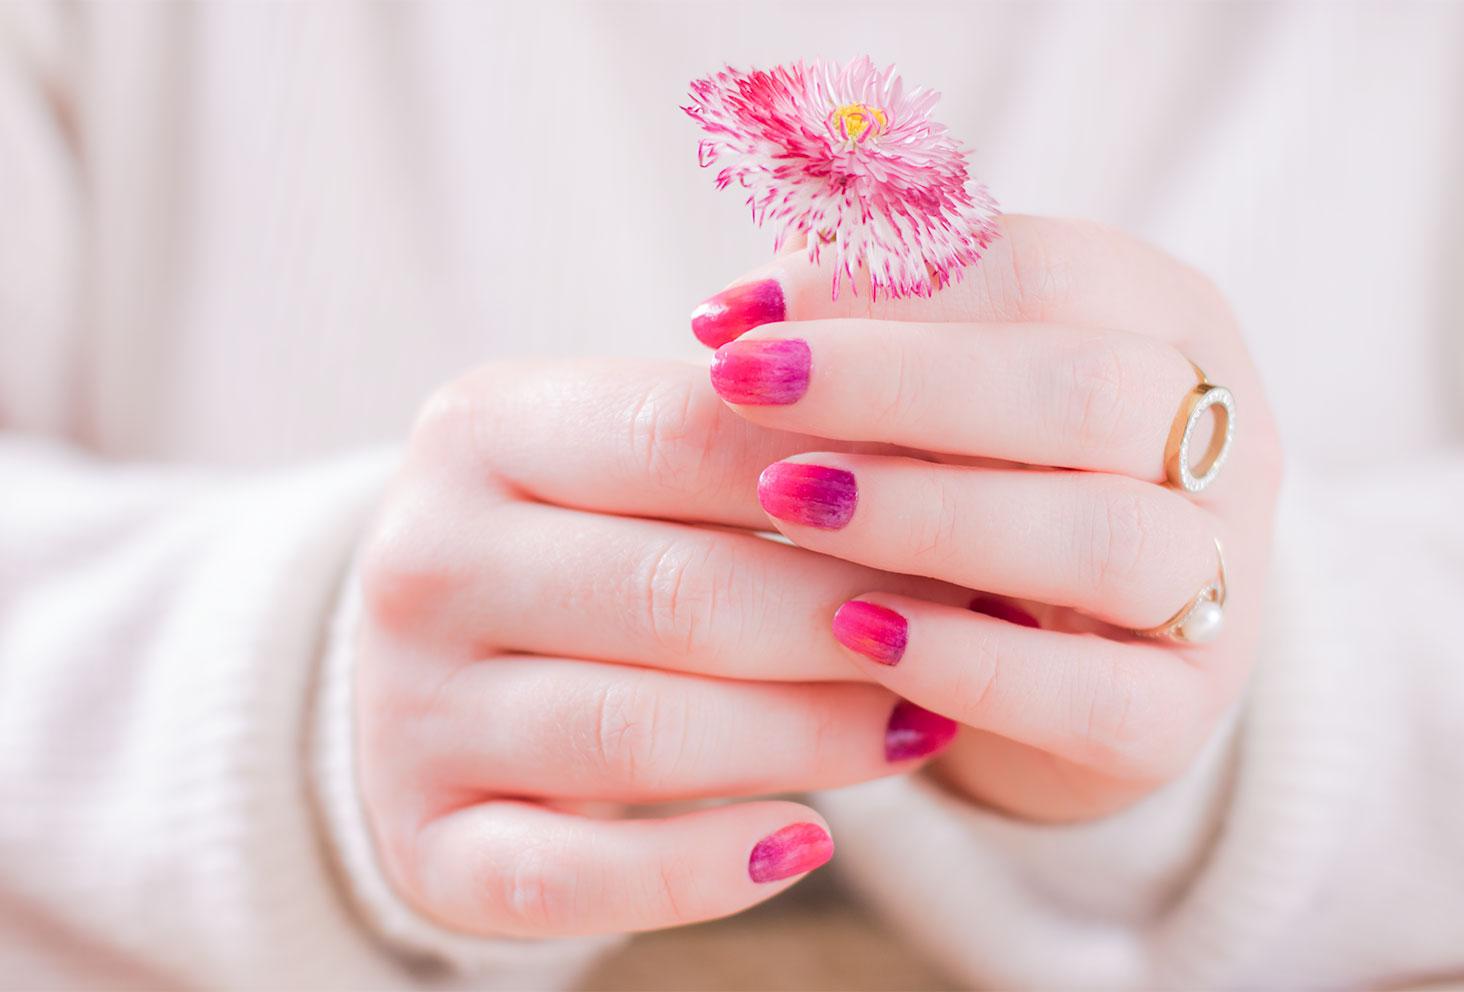 Le nailart dégradé SO'BiO étic sec sur les deux mains tenant une fleur de la même couleur